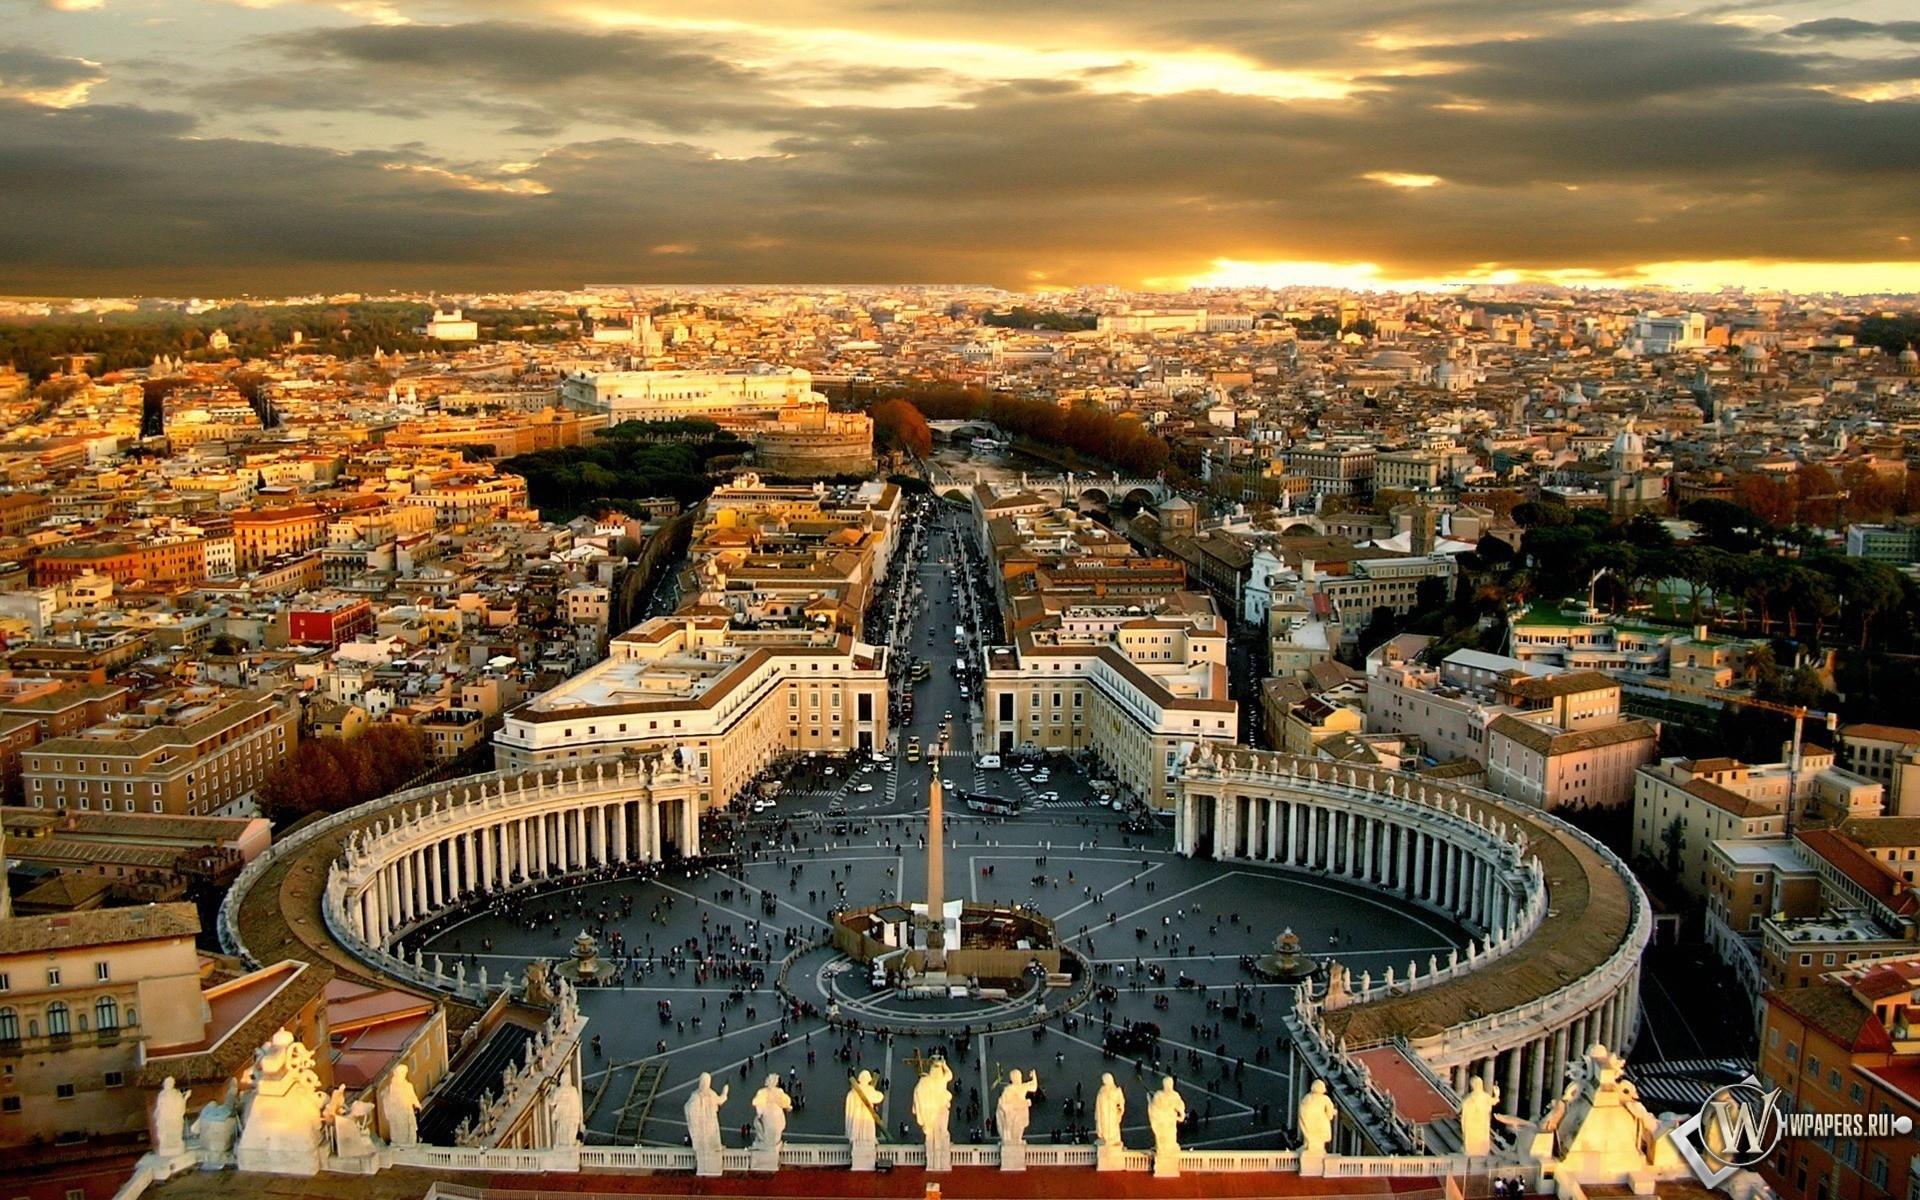 Ватикан 1920x1200